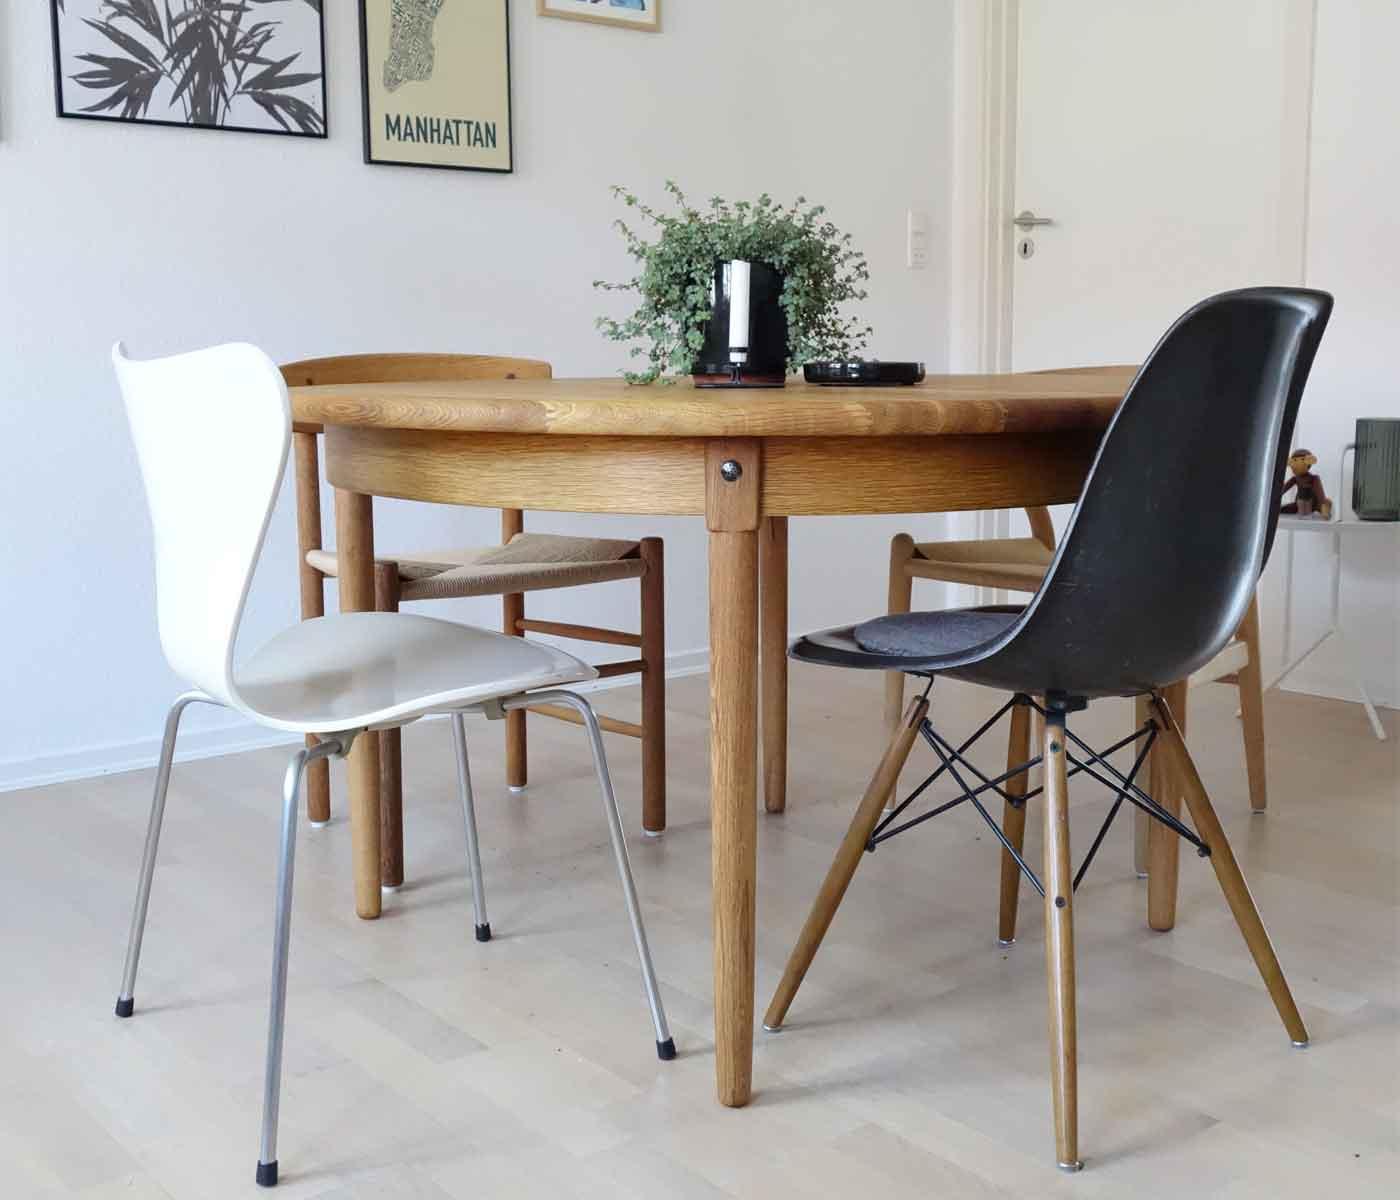 Renovering af et rundt spisebord - med hjælp fra Ataman Træværk ...